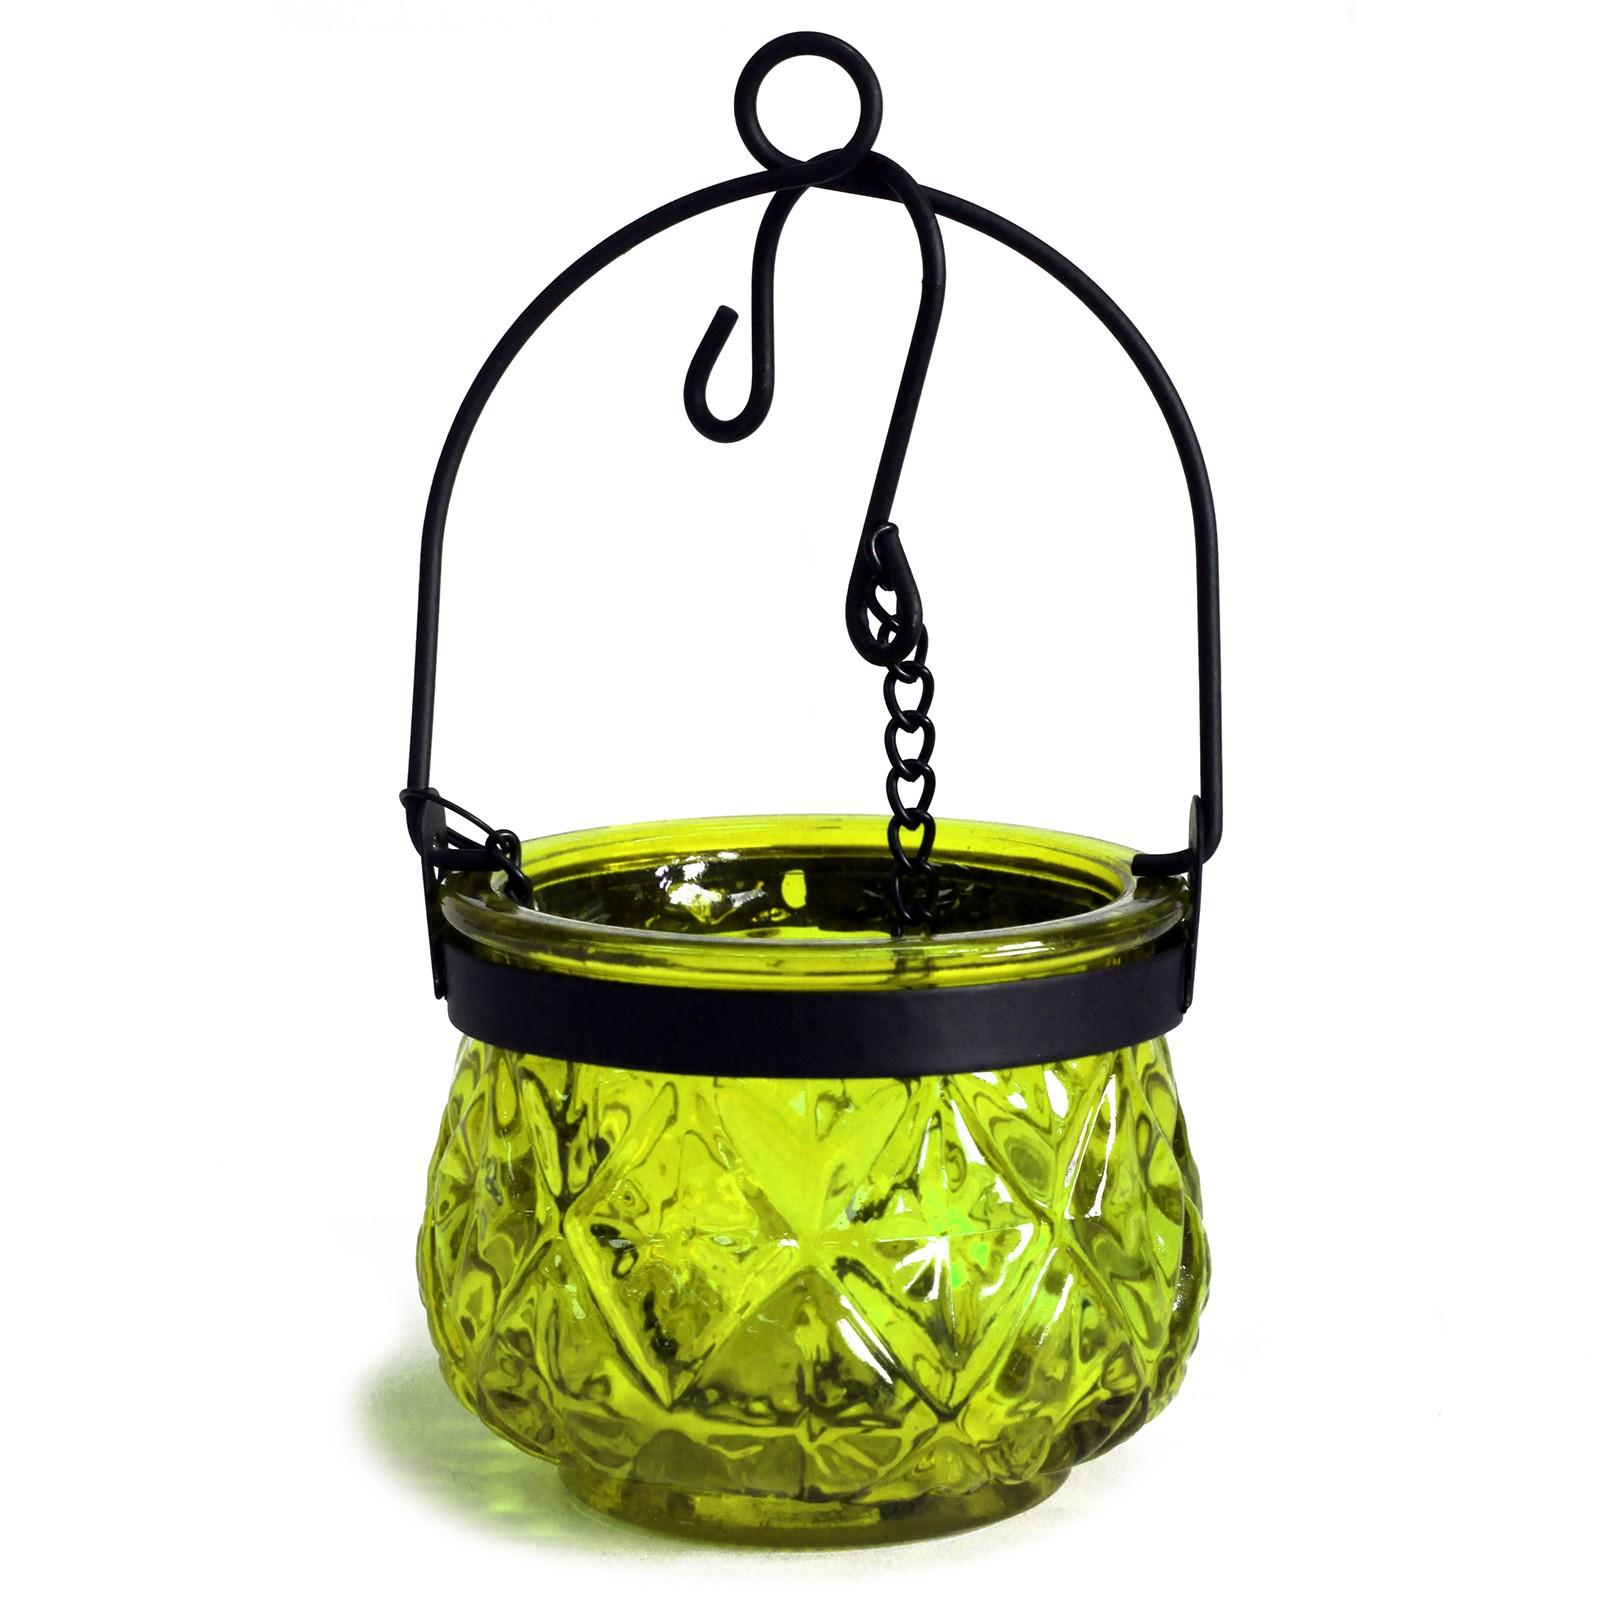 MAUR.cz Marocká závěsná lucerna na čajovou svíčku barva mechová zelená